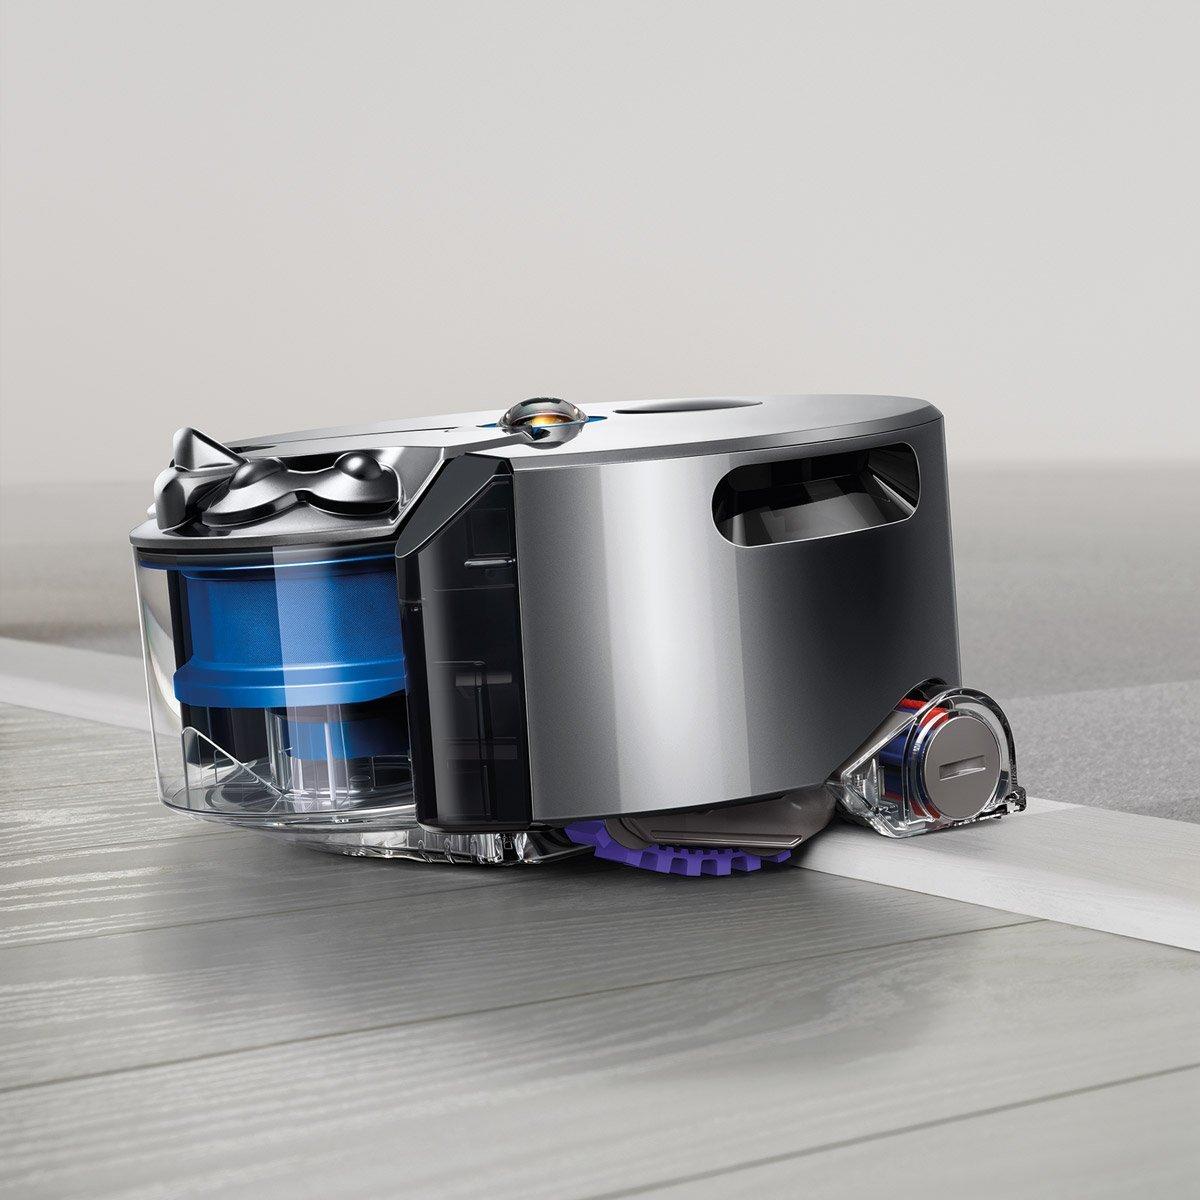 Dyson 360 eye vacuum купить аккумулятор для пылесоса дайсон dc 35